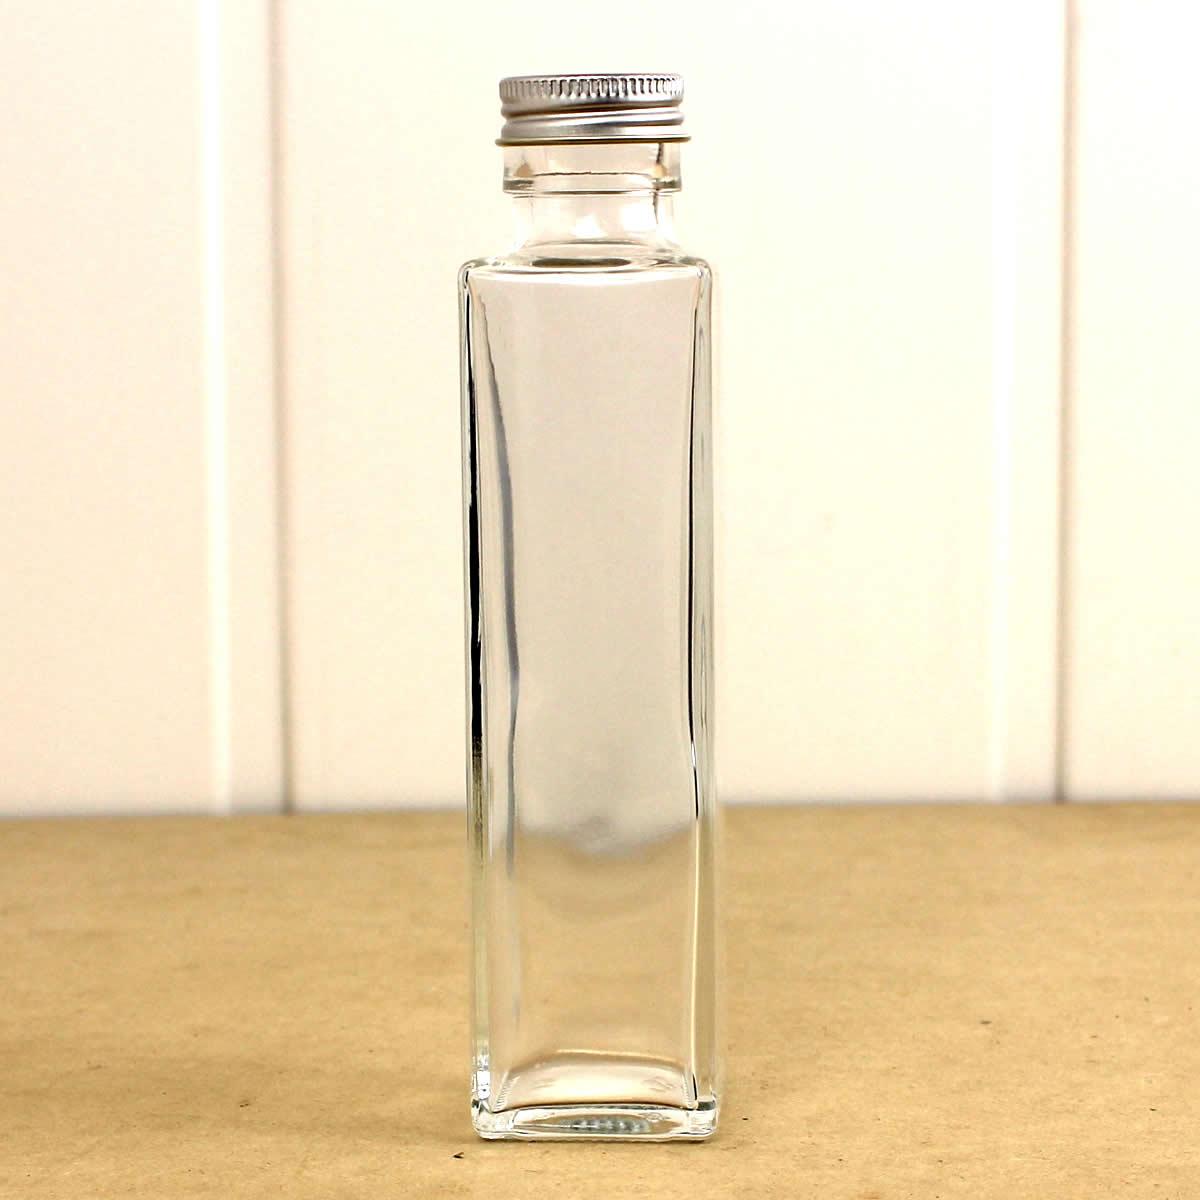 即日★ハーバリウム瓶(角) 150ml アルミ銀キャップ付【00】《花資材・道具 ハーバリウム材料 ハーバリウム オイル》